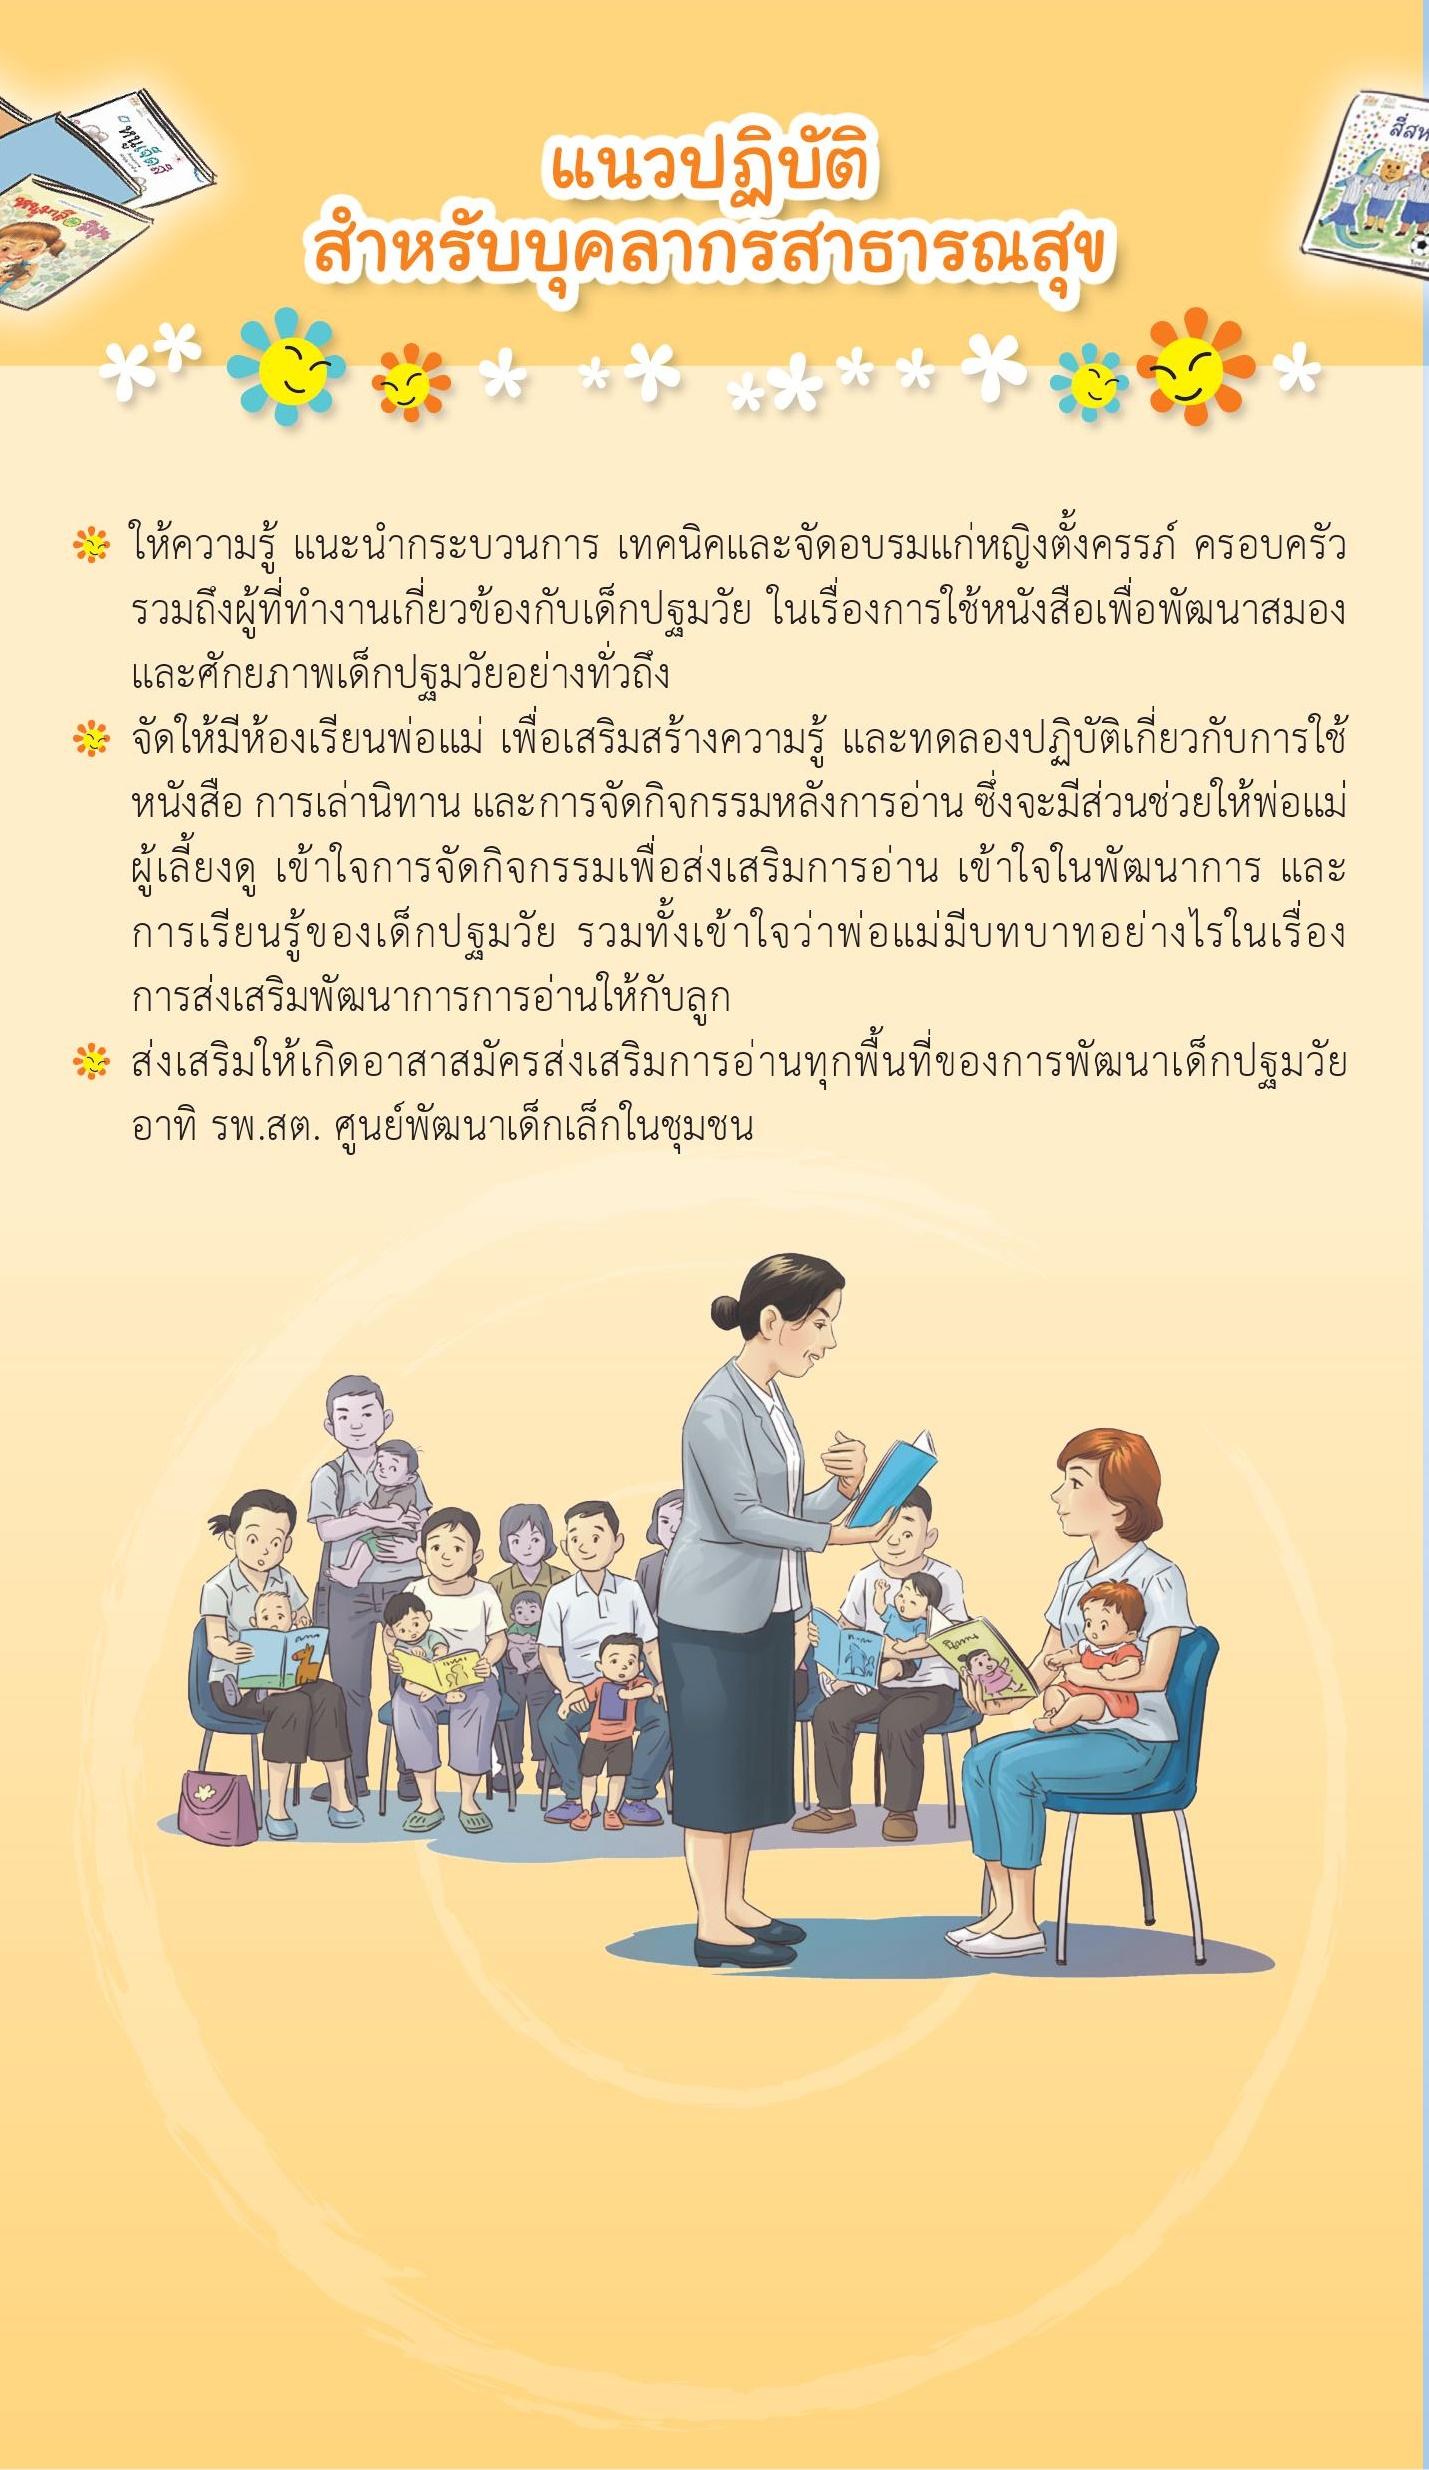 แผ่นพับแนวแนะและแนวปฏิบัติในการใช้หนังสือและการอ่าน